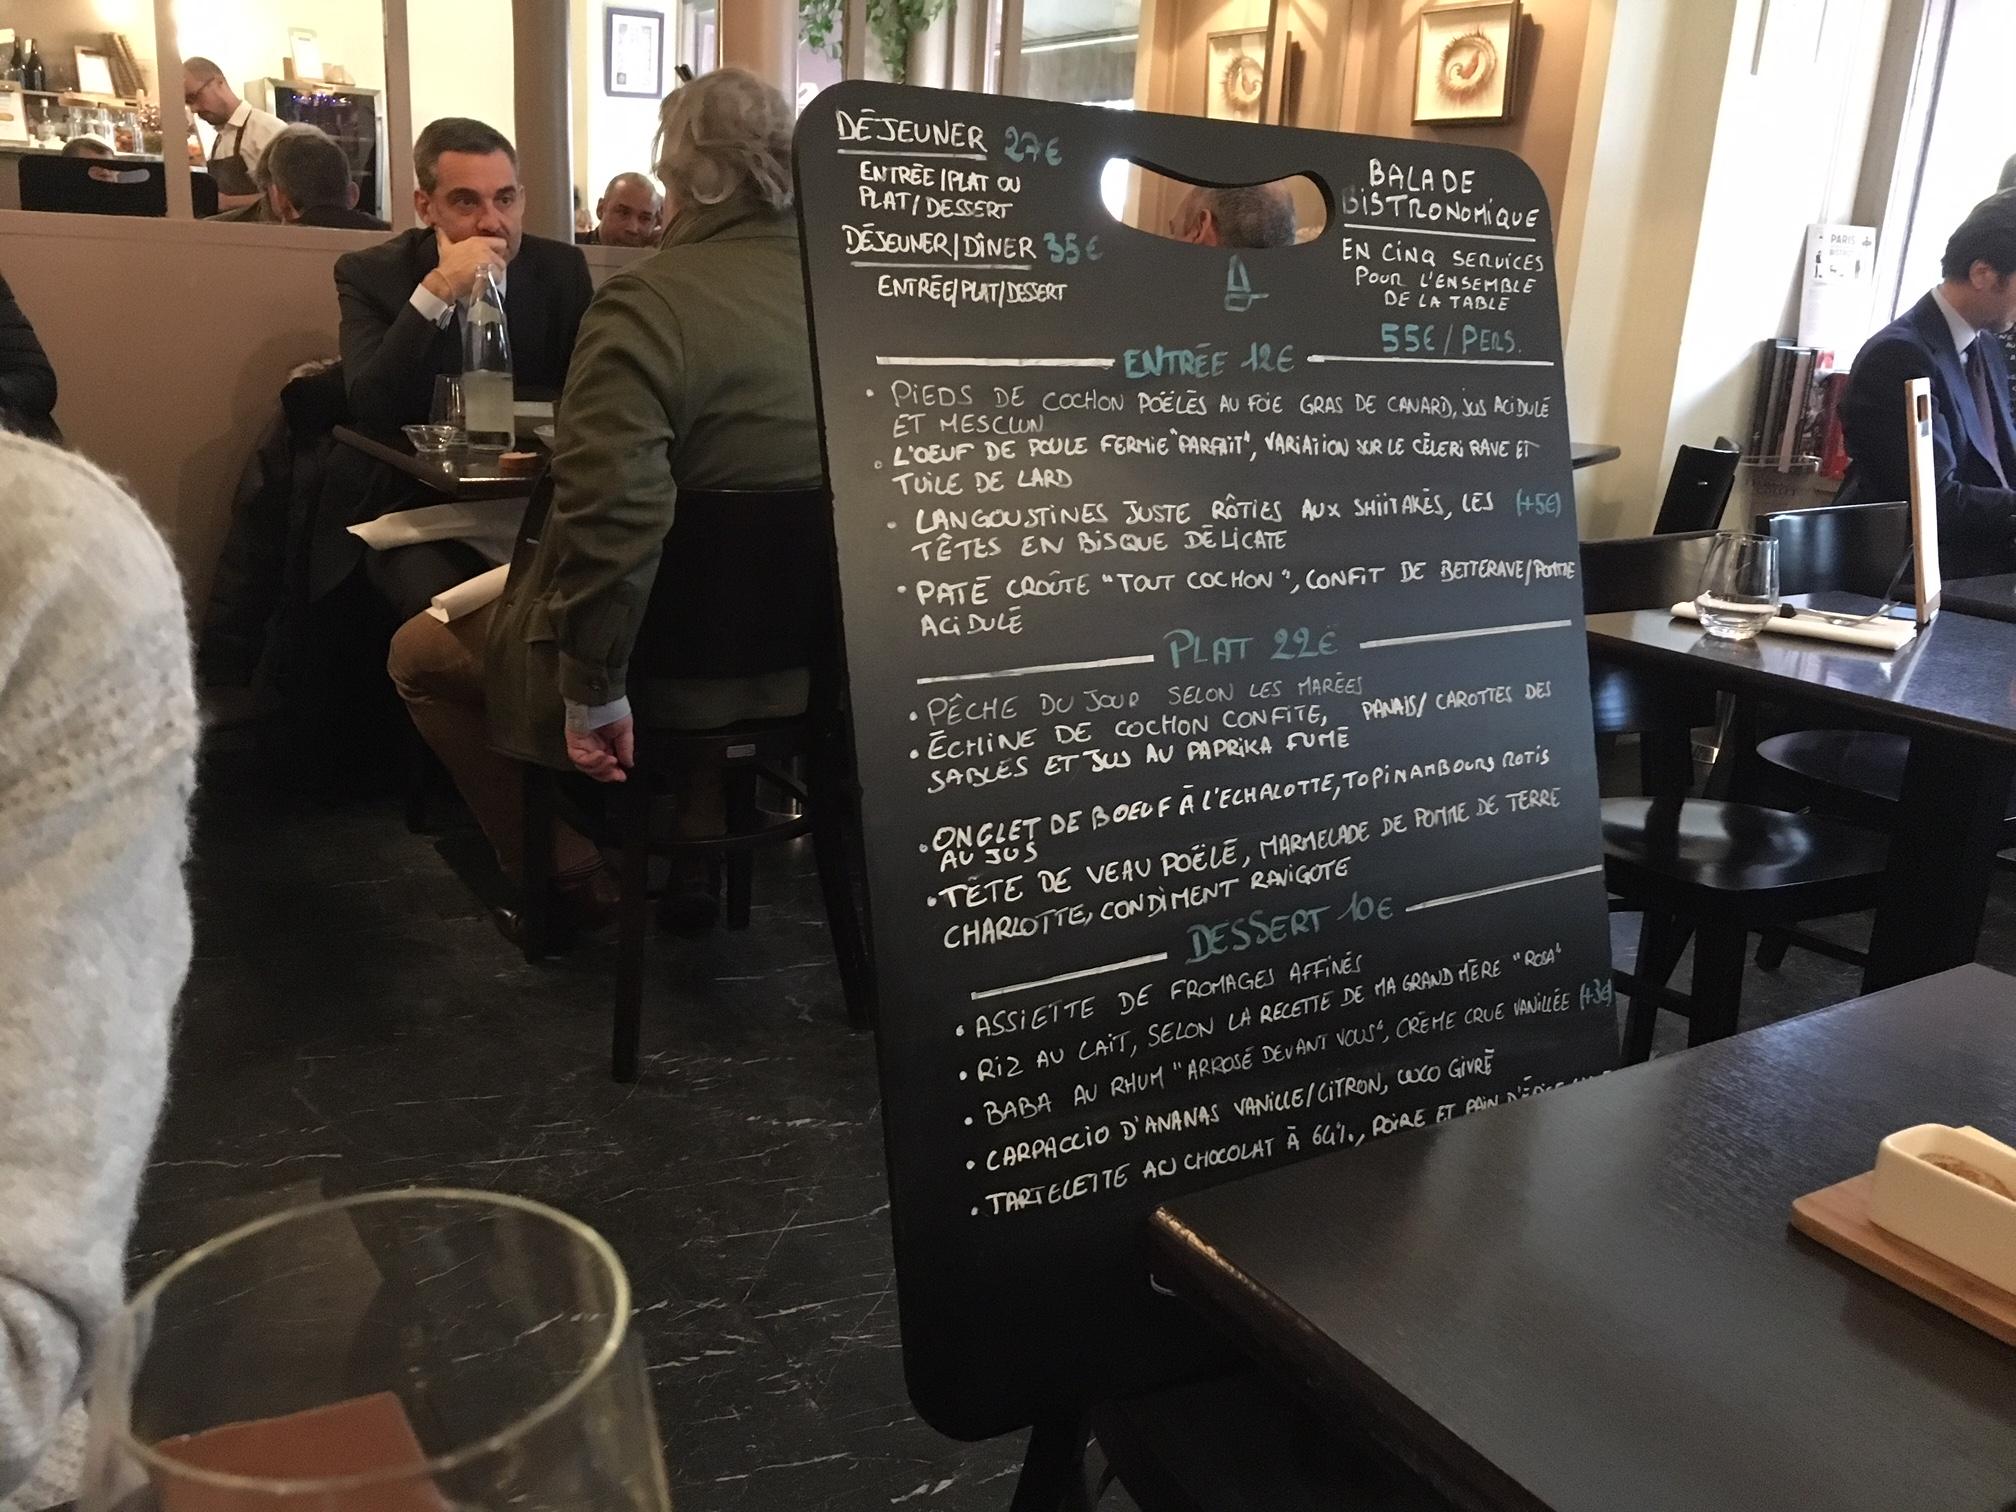 佐伯幸太郎の美女と美食三昧「パリ15区のこだわりレストラン、Le radis beurre」